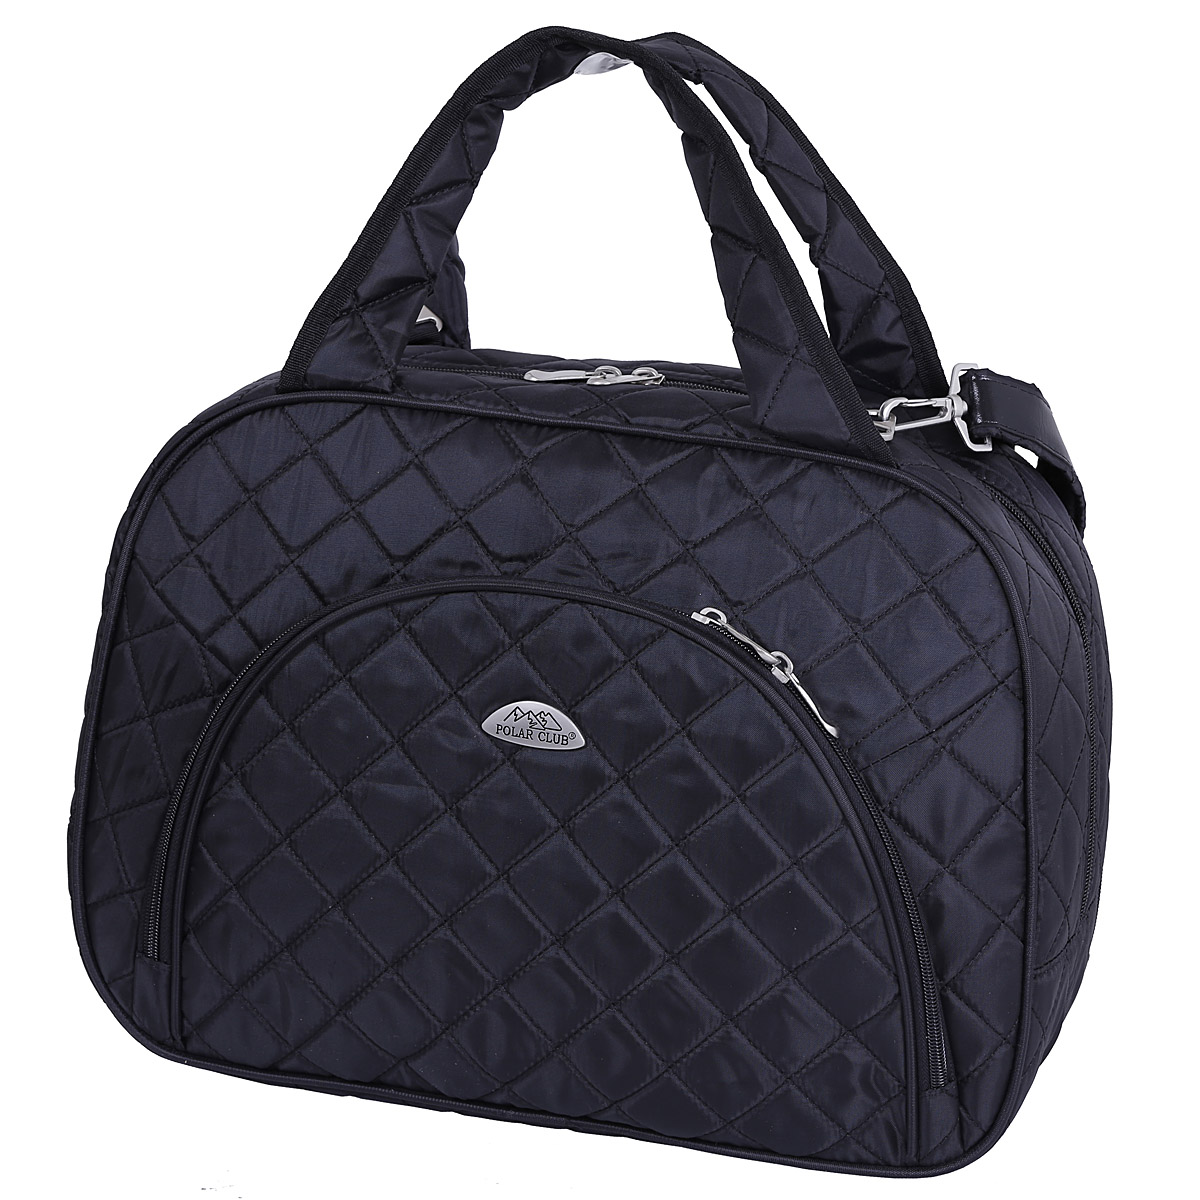 Купить сумку для ручной клади в самолете 55х40х20, интернет-магазин  Tasche.ru 00ee6e7c1d1